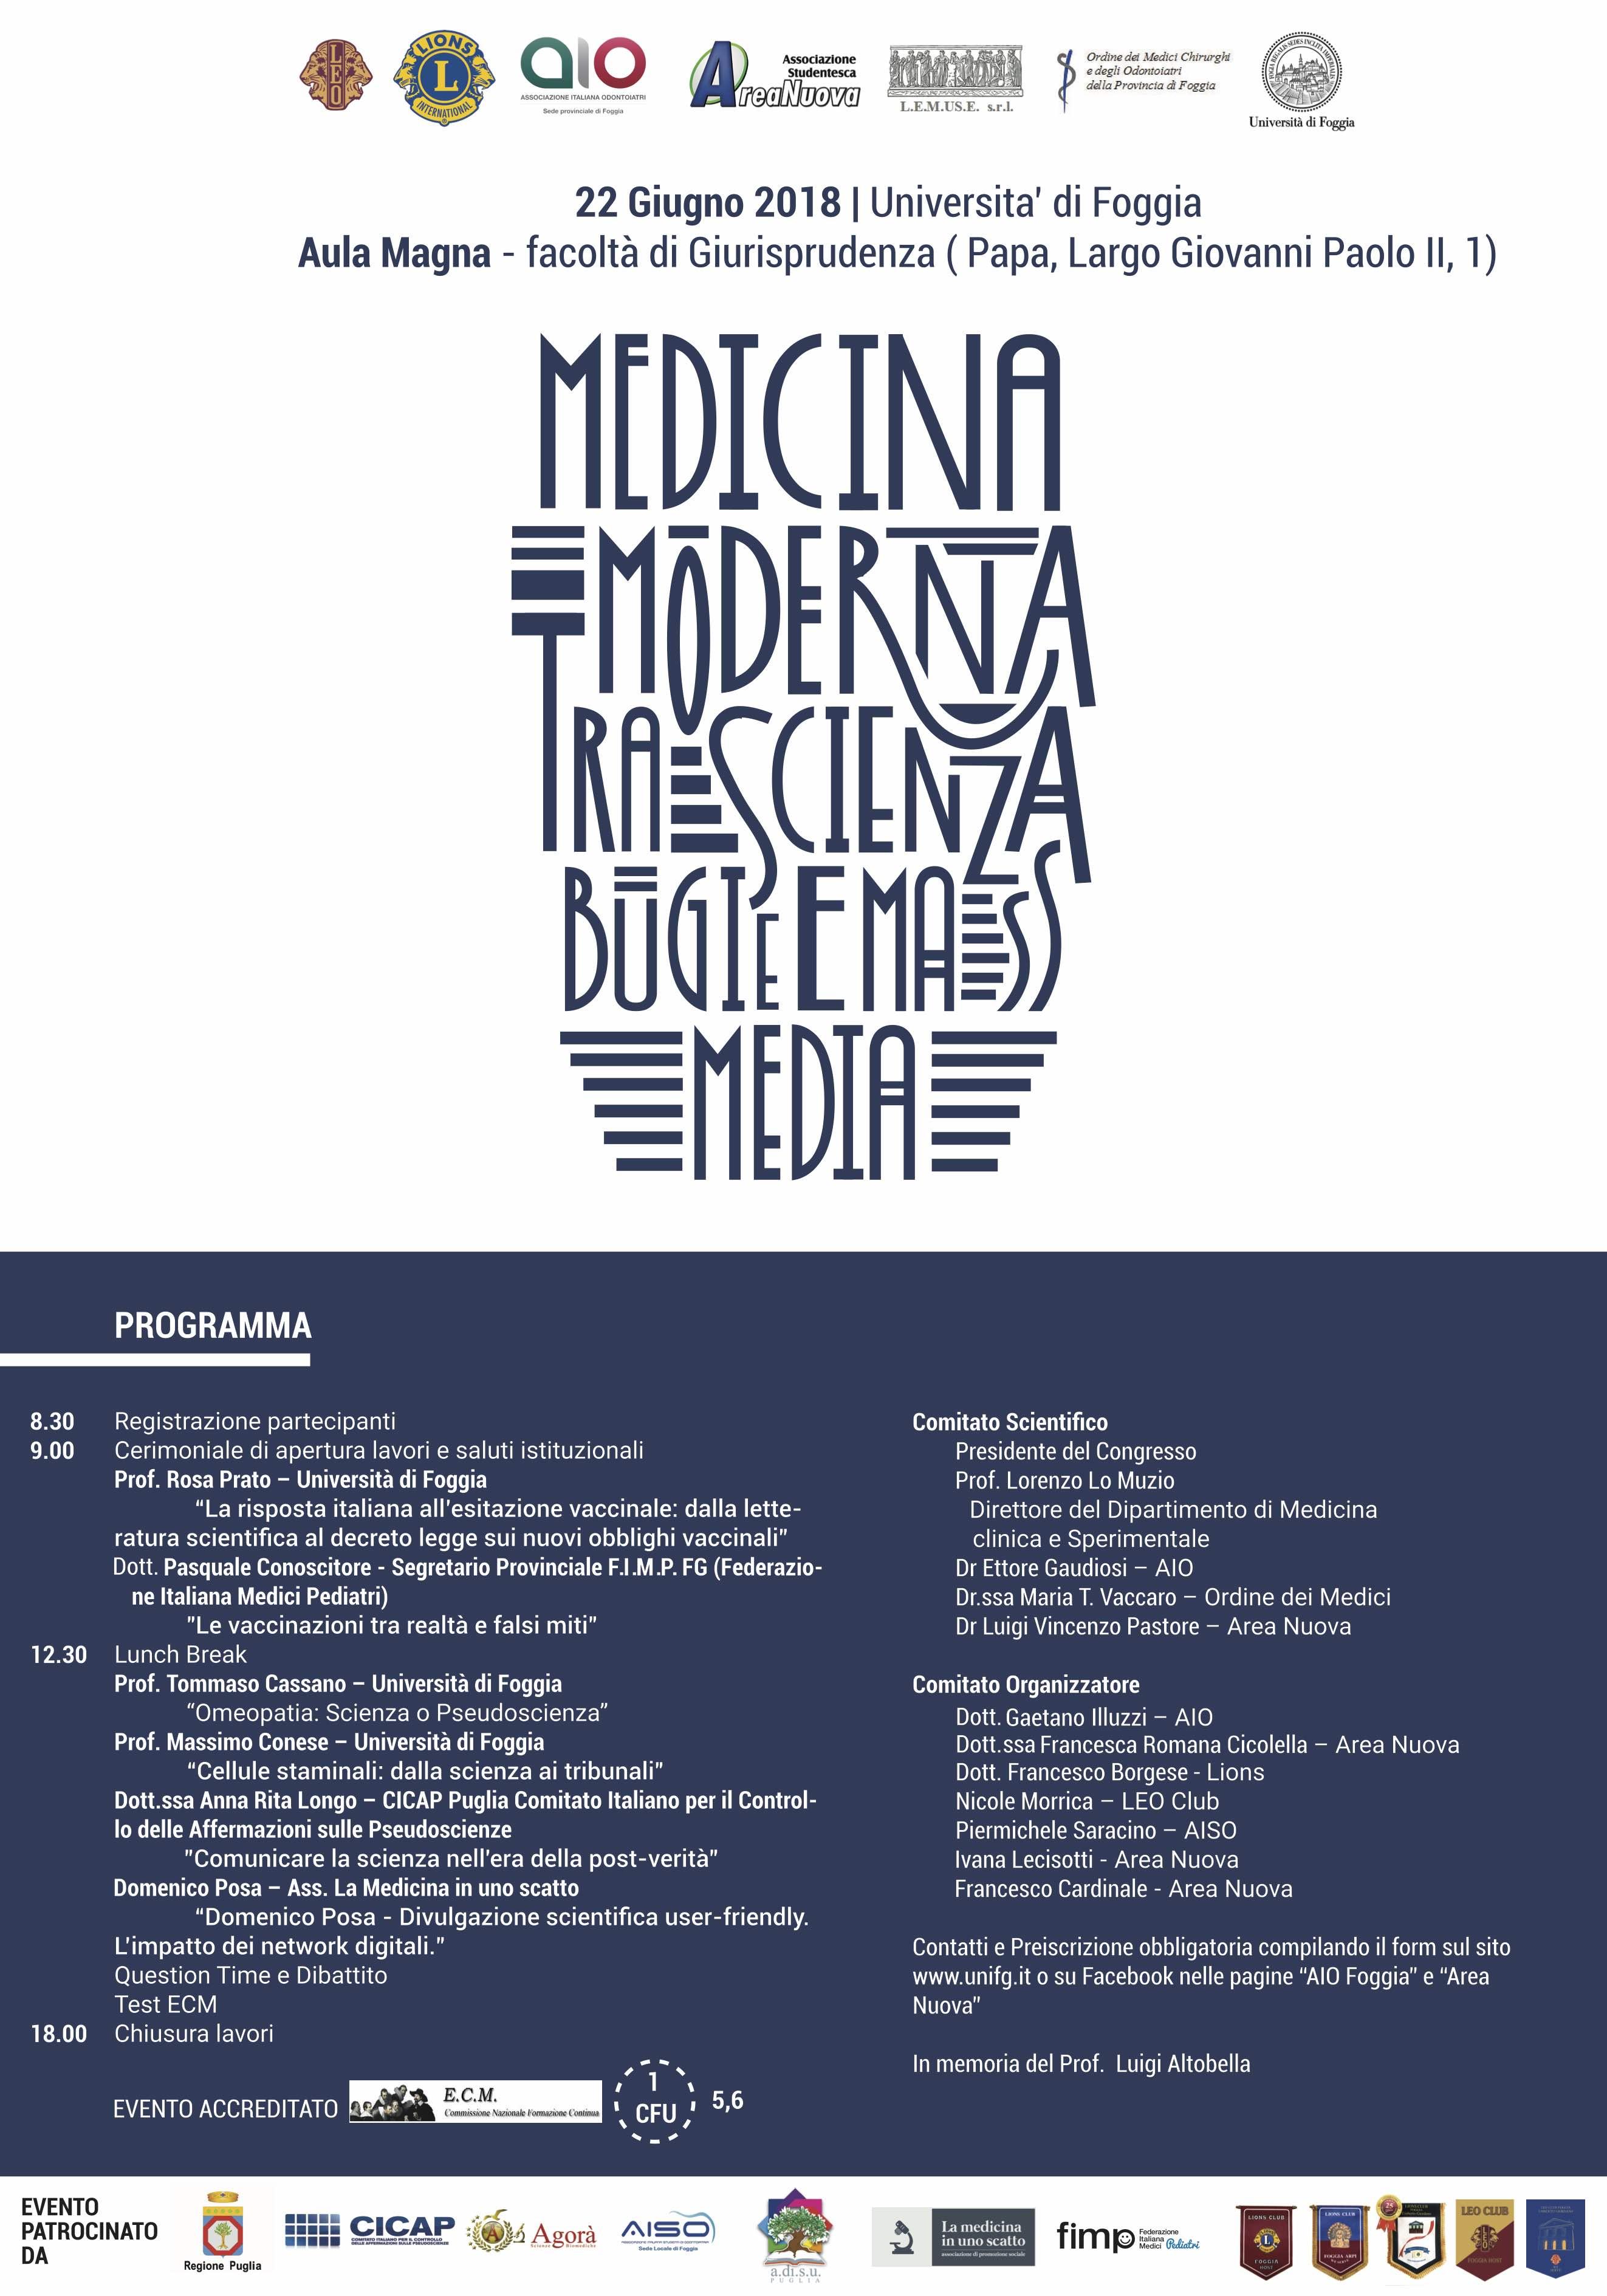 Medicina Moderna fra scienza bugie e mass media foggia 14 giugno 2018